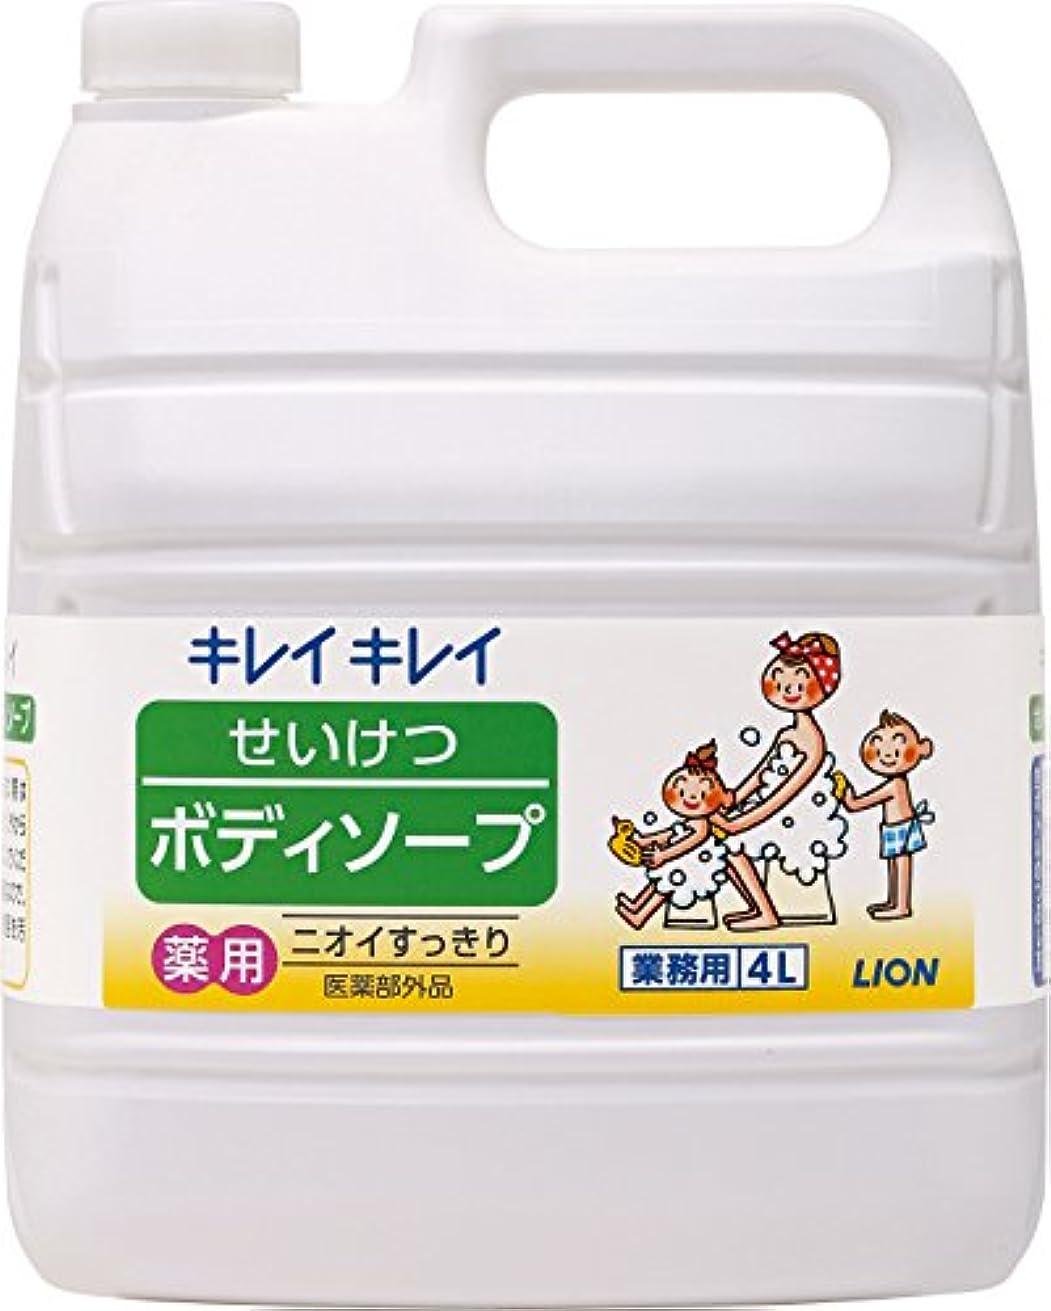 称賛講堂幽霊【業務用 大容量】キレイキレイ せいけつボディソープ さわやかなレモン&オレンジの香り 4L(医薬部外品)